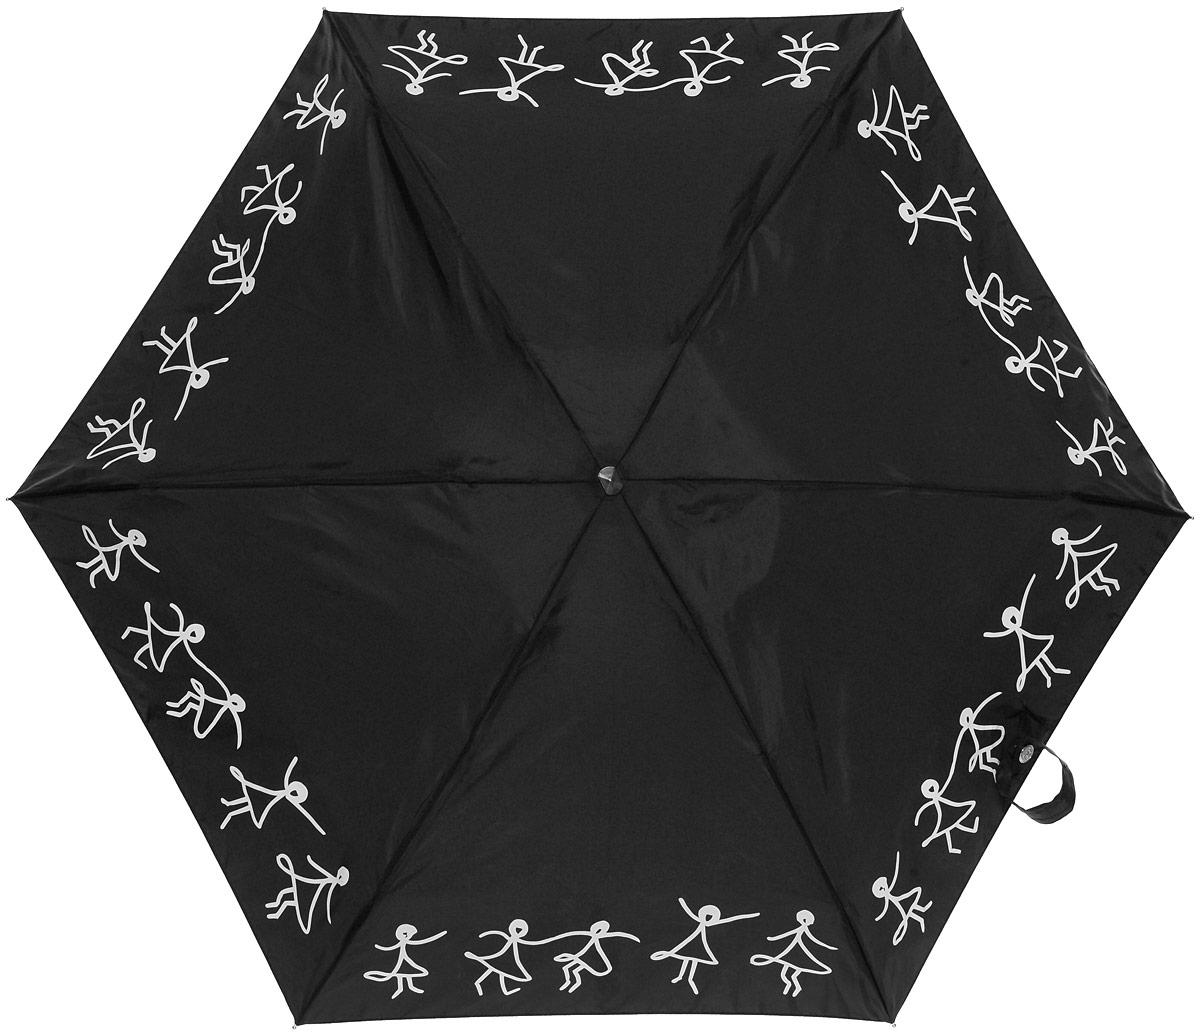 Зонт женский Lulu Guinness Tiny, механический, 5 сложений, цвет: черный, белый. L717-2956L717-2956 DancingGirlsСтильный механический зонт Lulu Guinness Tiny в 5 сложений даже в ненастную погоду позволит вам оставаться элегантной. Облегченный каркас зонта выполнен из 6 спиц из фибергласса и алюминия, стержень также изготовлен из алюминия, удобная рукоятка - из пластика. Купол зонта выполнен из прочного полиэстера и оформлен танцующими человечками. В закрытом виде застегивается хлястиком на кнопку. Зонт механического сложения: купол открывается и закрывается вручную до характерного щелчка. На рукоятке для удобства есть небольшой шнурок, позволяющий при необходимости надеть зонт на руку. К зонту прилагается чехол, оформленный нашивкой с названием бренда. Такой зонт компактно располагается в кармане, сумочке, дверке автомобиля.